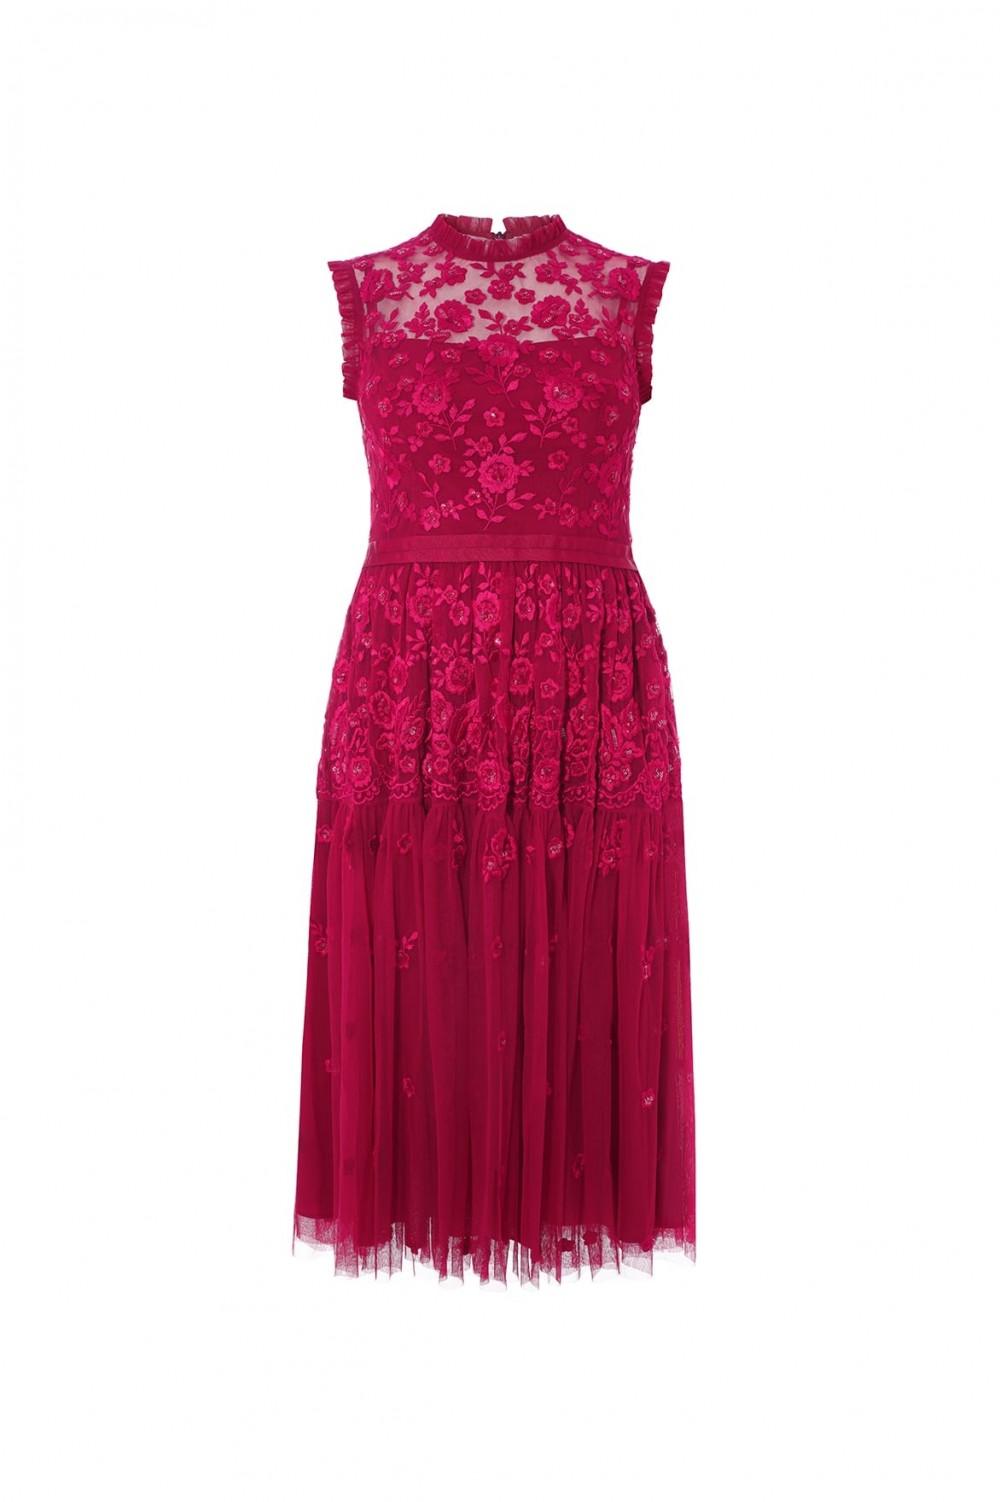 clover_ashley_dress_deep_red.jpg